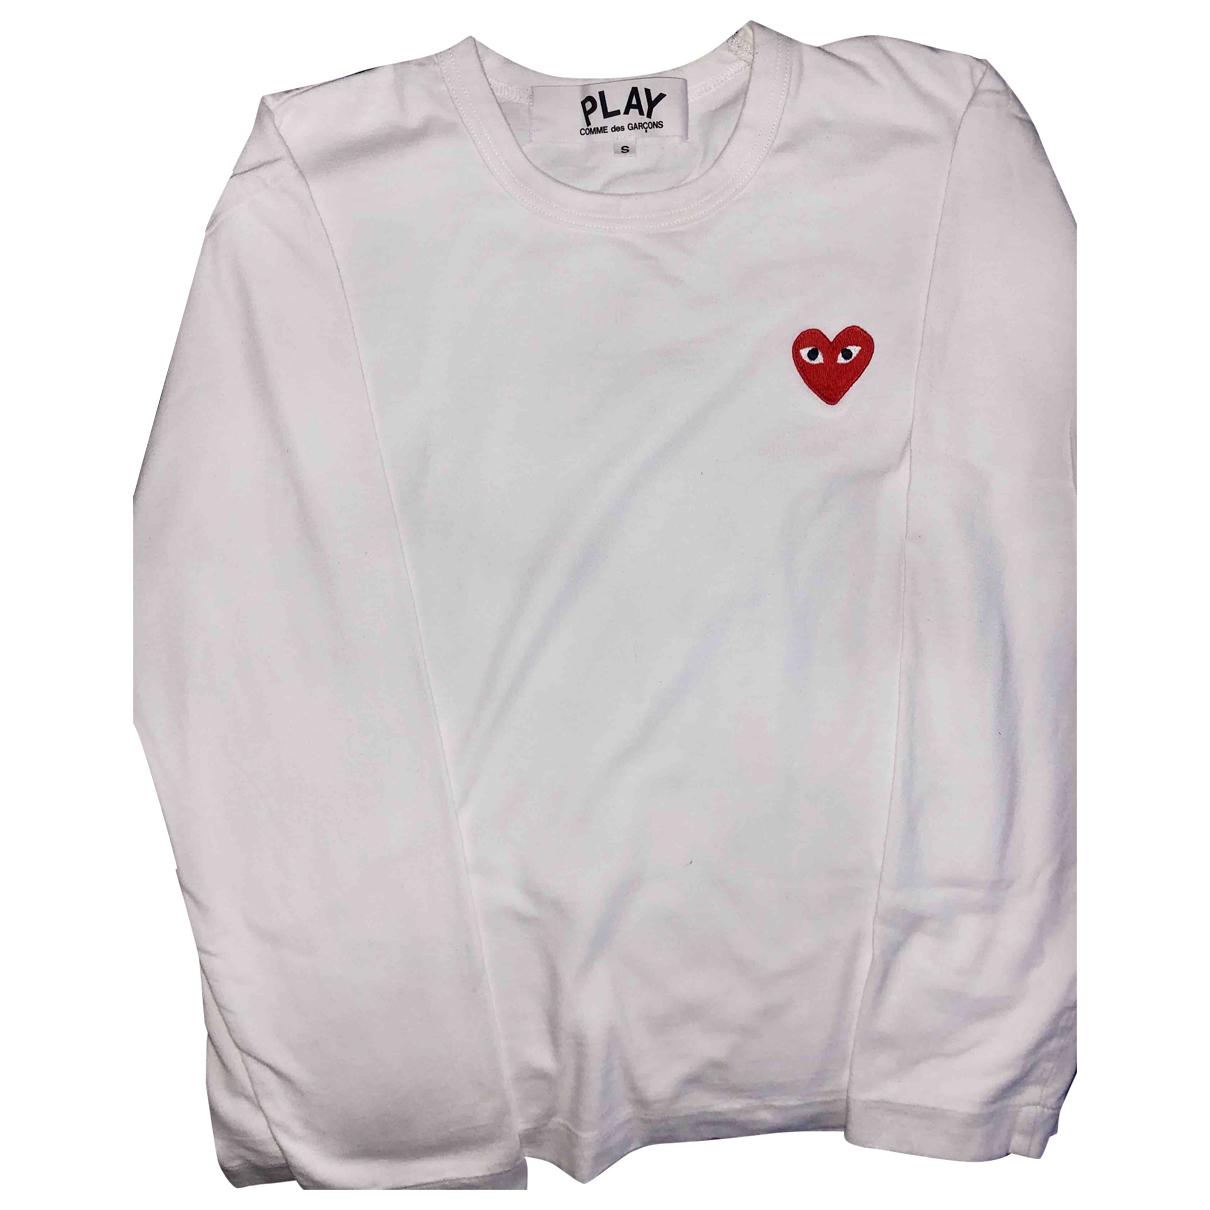 Play Comme Des Garcons - Tee shirts   pour homme en coton - blanc